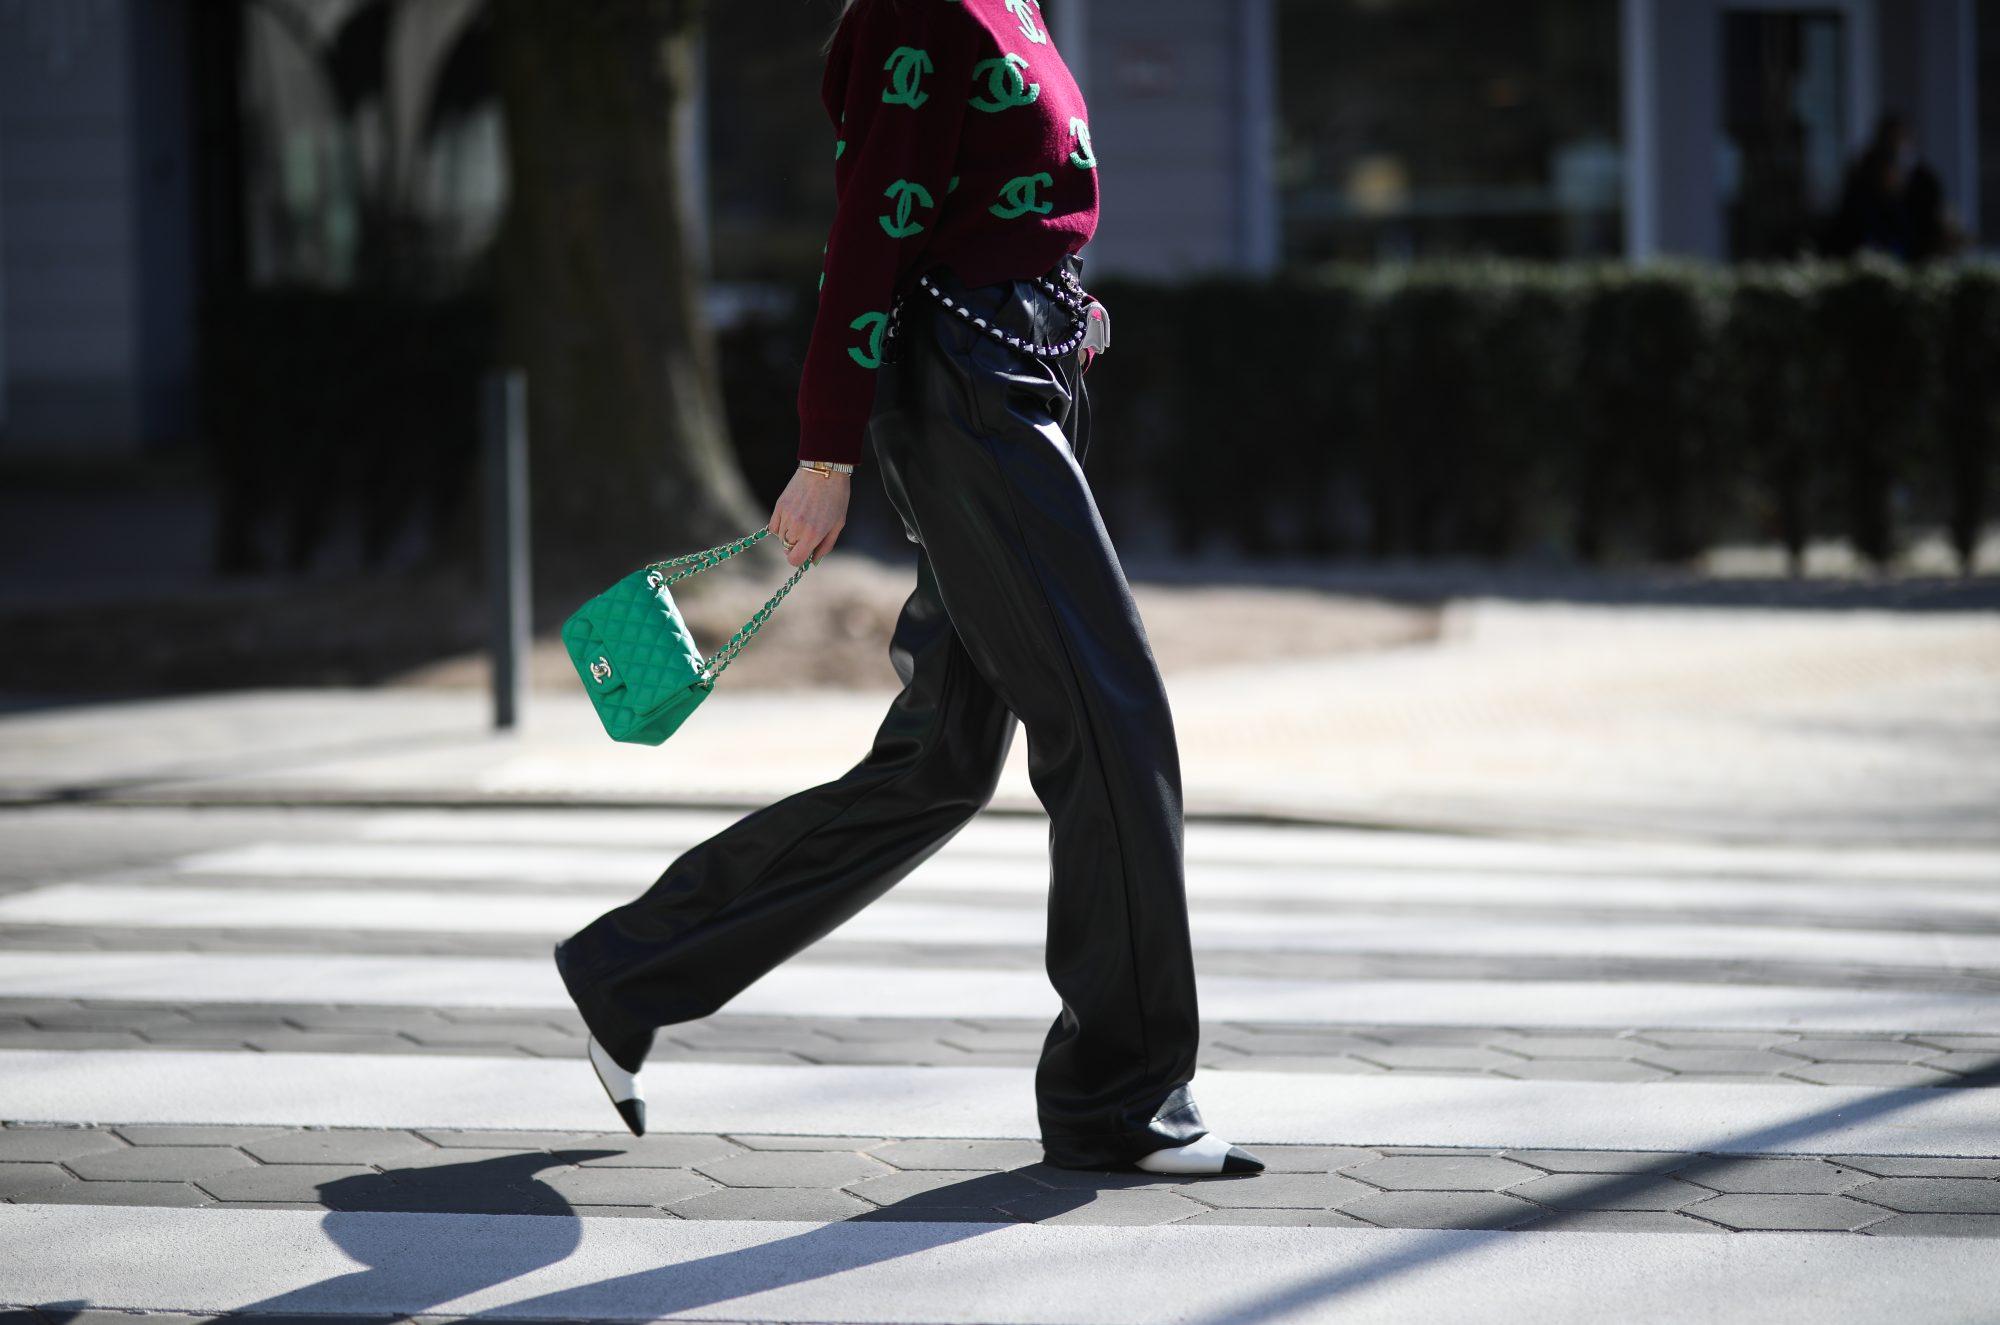 Αυτή τη σεζόν το δερμάτινο παντελόνι σου γίνεται τόσο απαραίτητο όσο το τζην σου (street style & shopping list) Cover Photo: Jeremy Moeller/Getty Images/Ideal Images Είσαι από τις γυναίκες που έχουν ήδη προλάβει να εφοδιάσουν την ντουλάπα τους με ένα-ή και περισσότερα- leather pants αλλά δεν ξέρουν πως να τα συνδυάσουν σωστά; Ή μήπως θαυμάζεις αυτό το trend στο Instagram αλλά ακόμα δεν έχεις καταφέρει να το φορέσεις; Σε όποια κατηγορία και αν ανήκεις […]